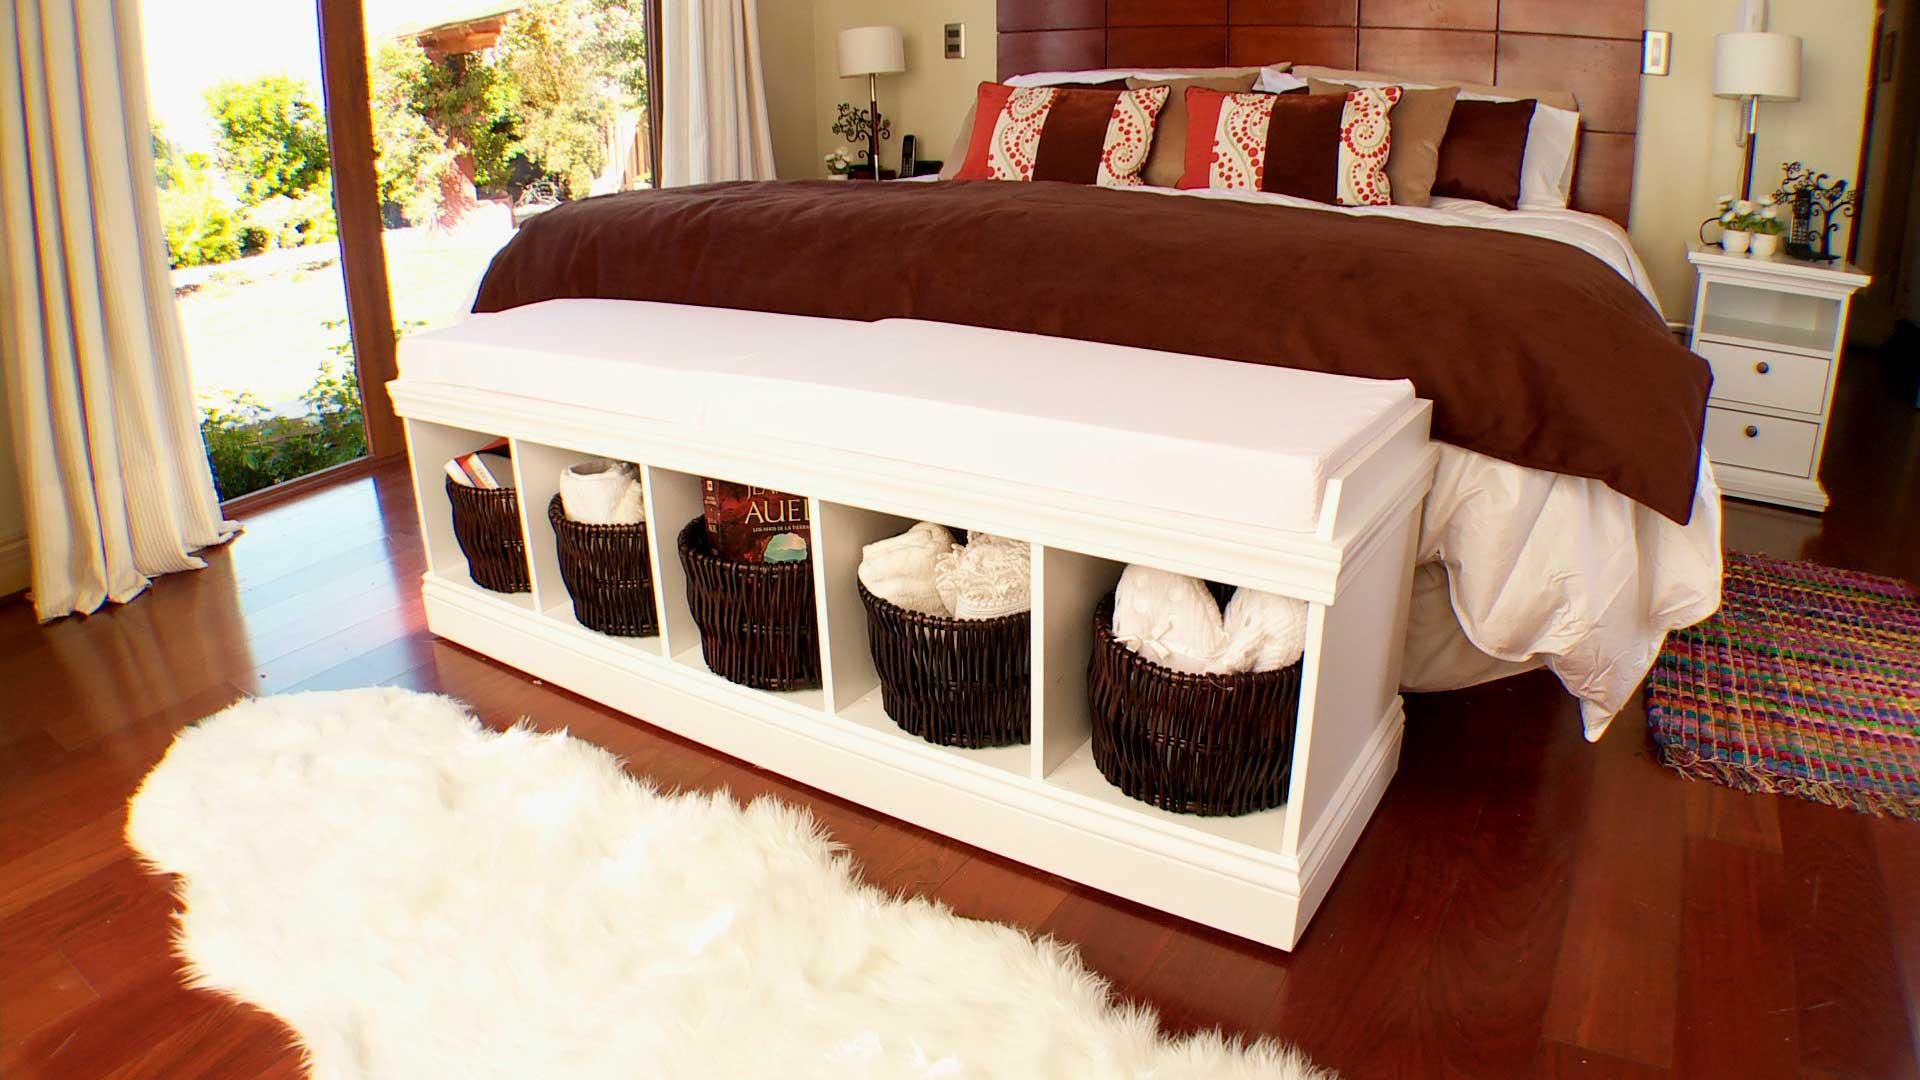 Muebles Para Baño Hagalo Usted Mismo: Usted Mismo – ¿Cómo construir una banqueta estantería de cama